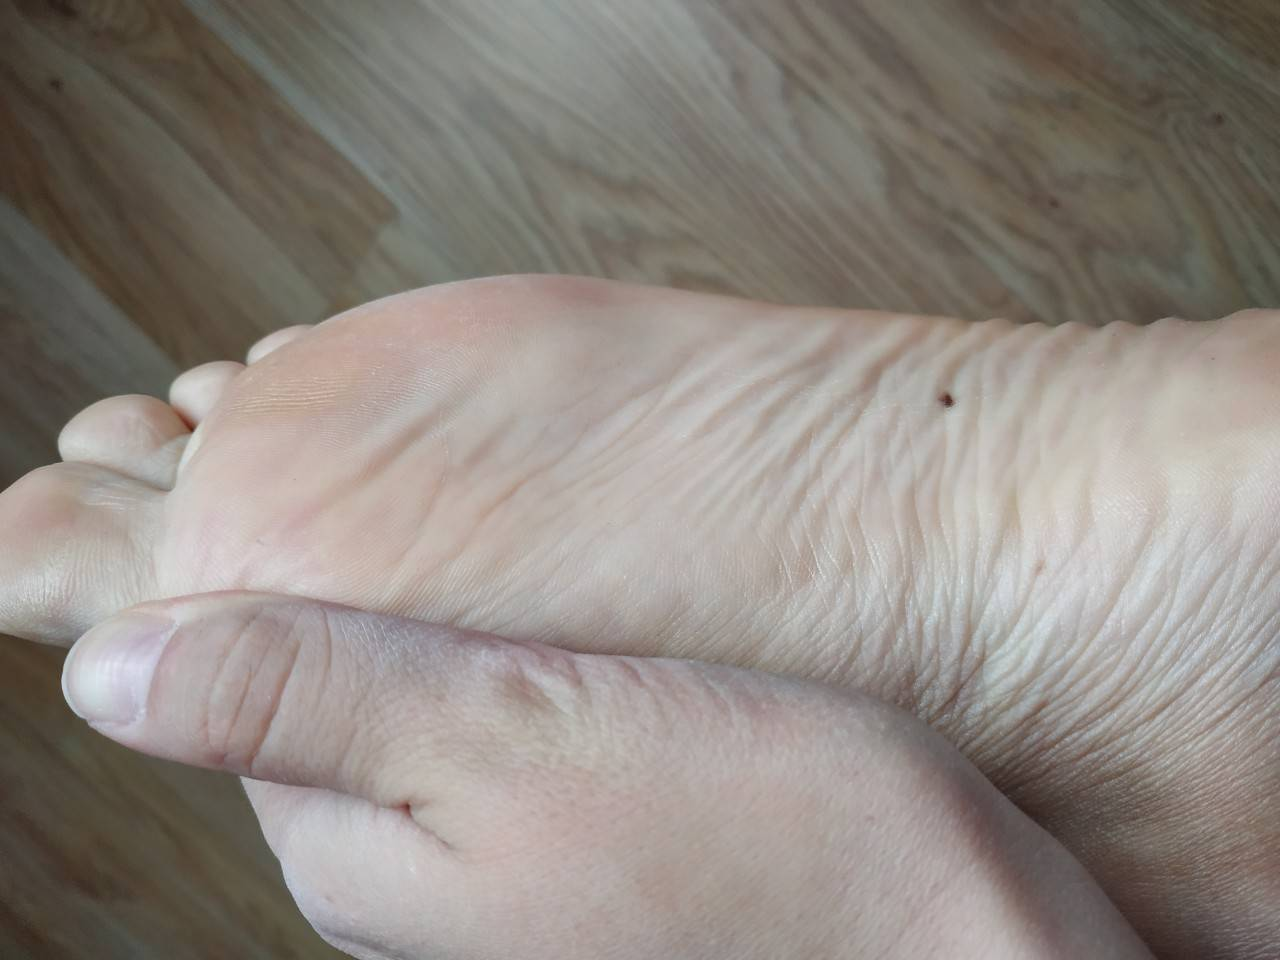 Значение родинок на ноге. узнать характер и судьбу по расположению родинок